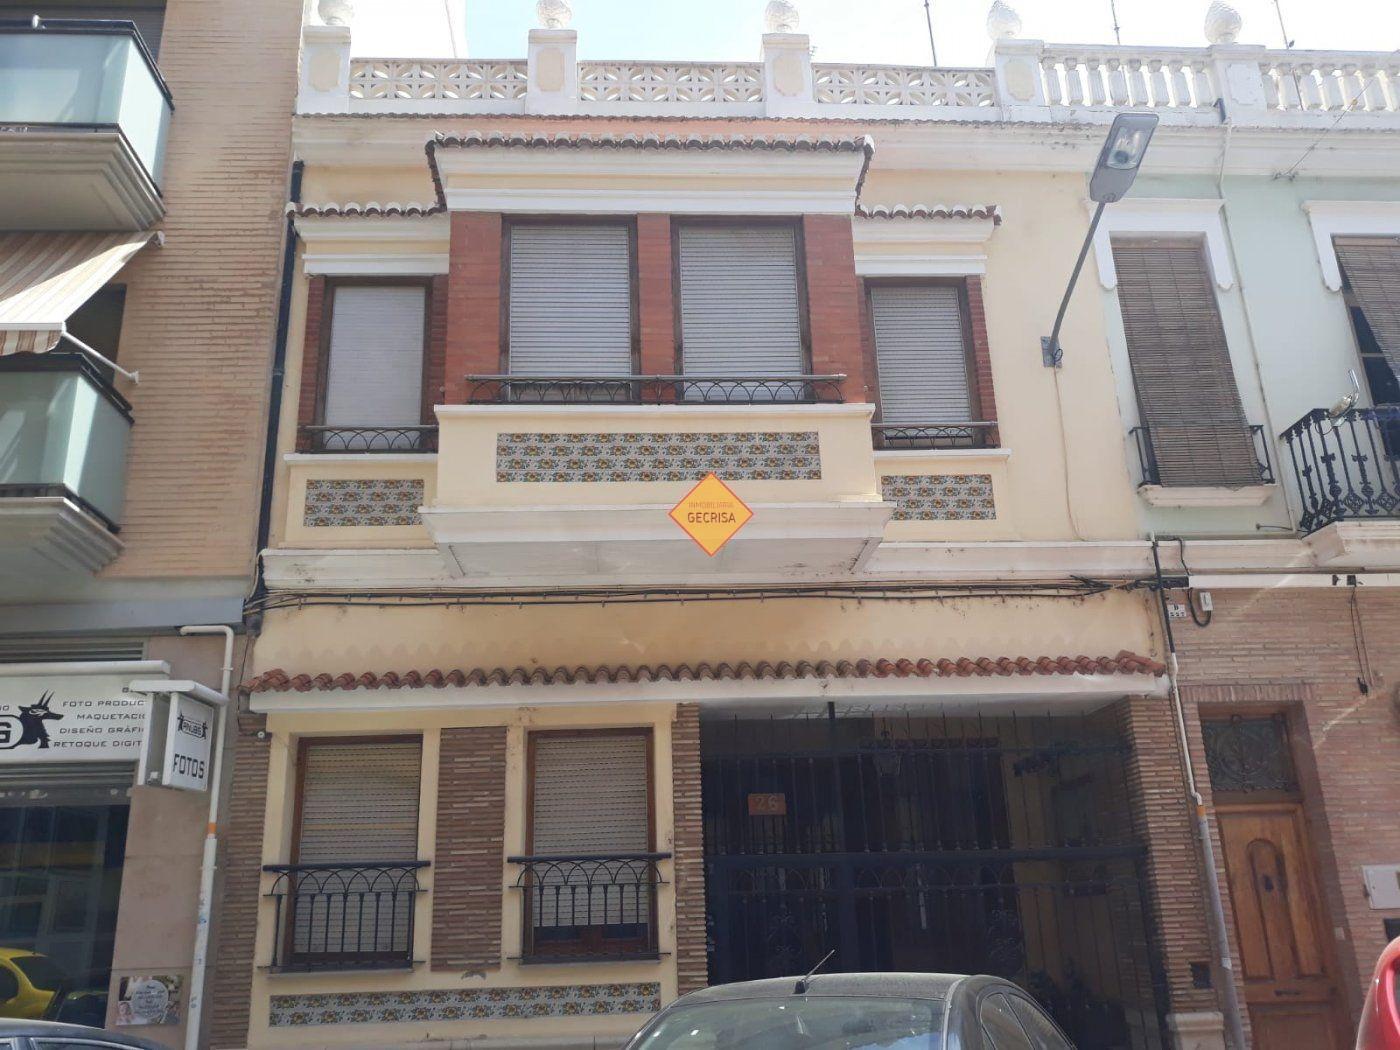 Maison  Burjassot ,ayuntamiento. Excelente casa en zona ayuntamiento